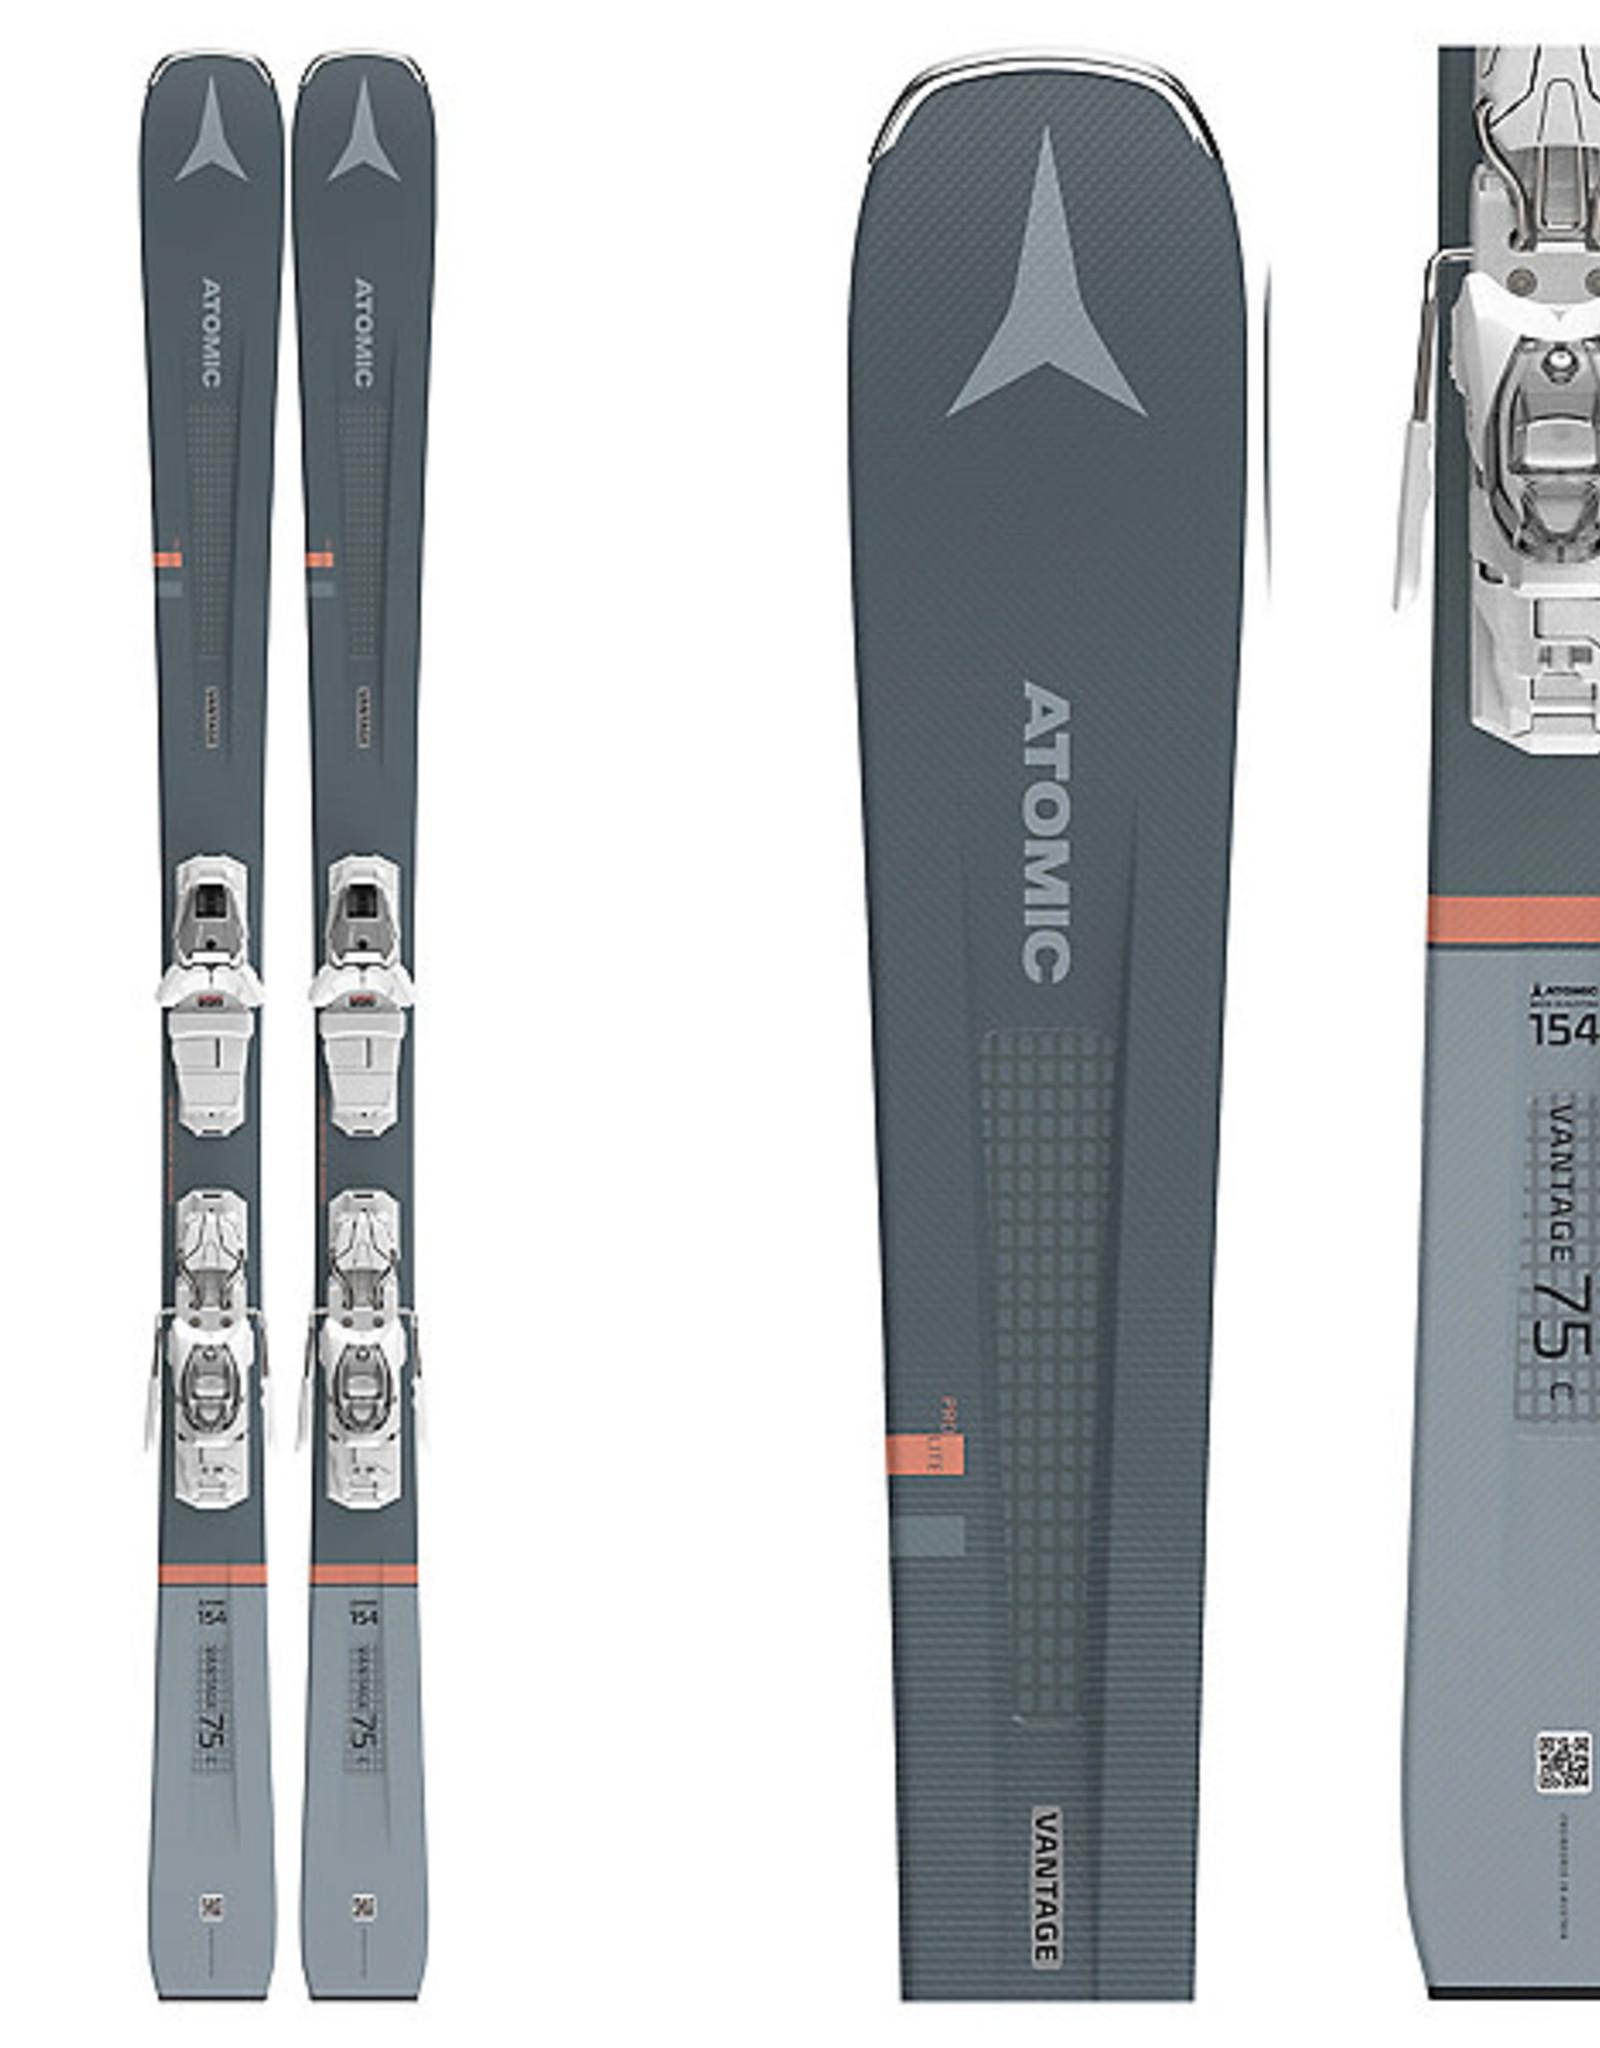 ATOMIC ATOMIC Skis VANTAGE 75 C W with M 10 GW Bindings (21/22)